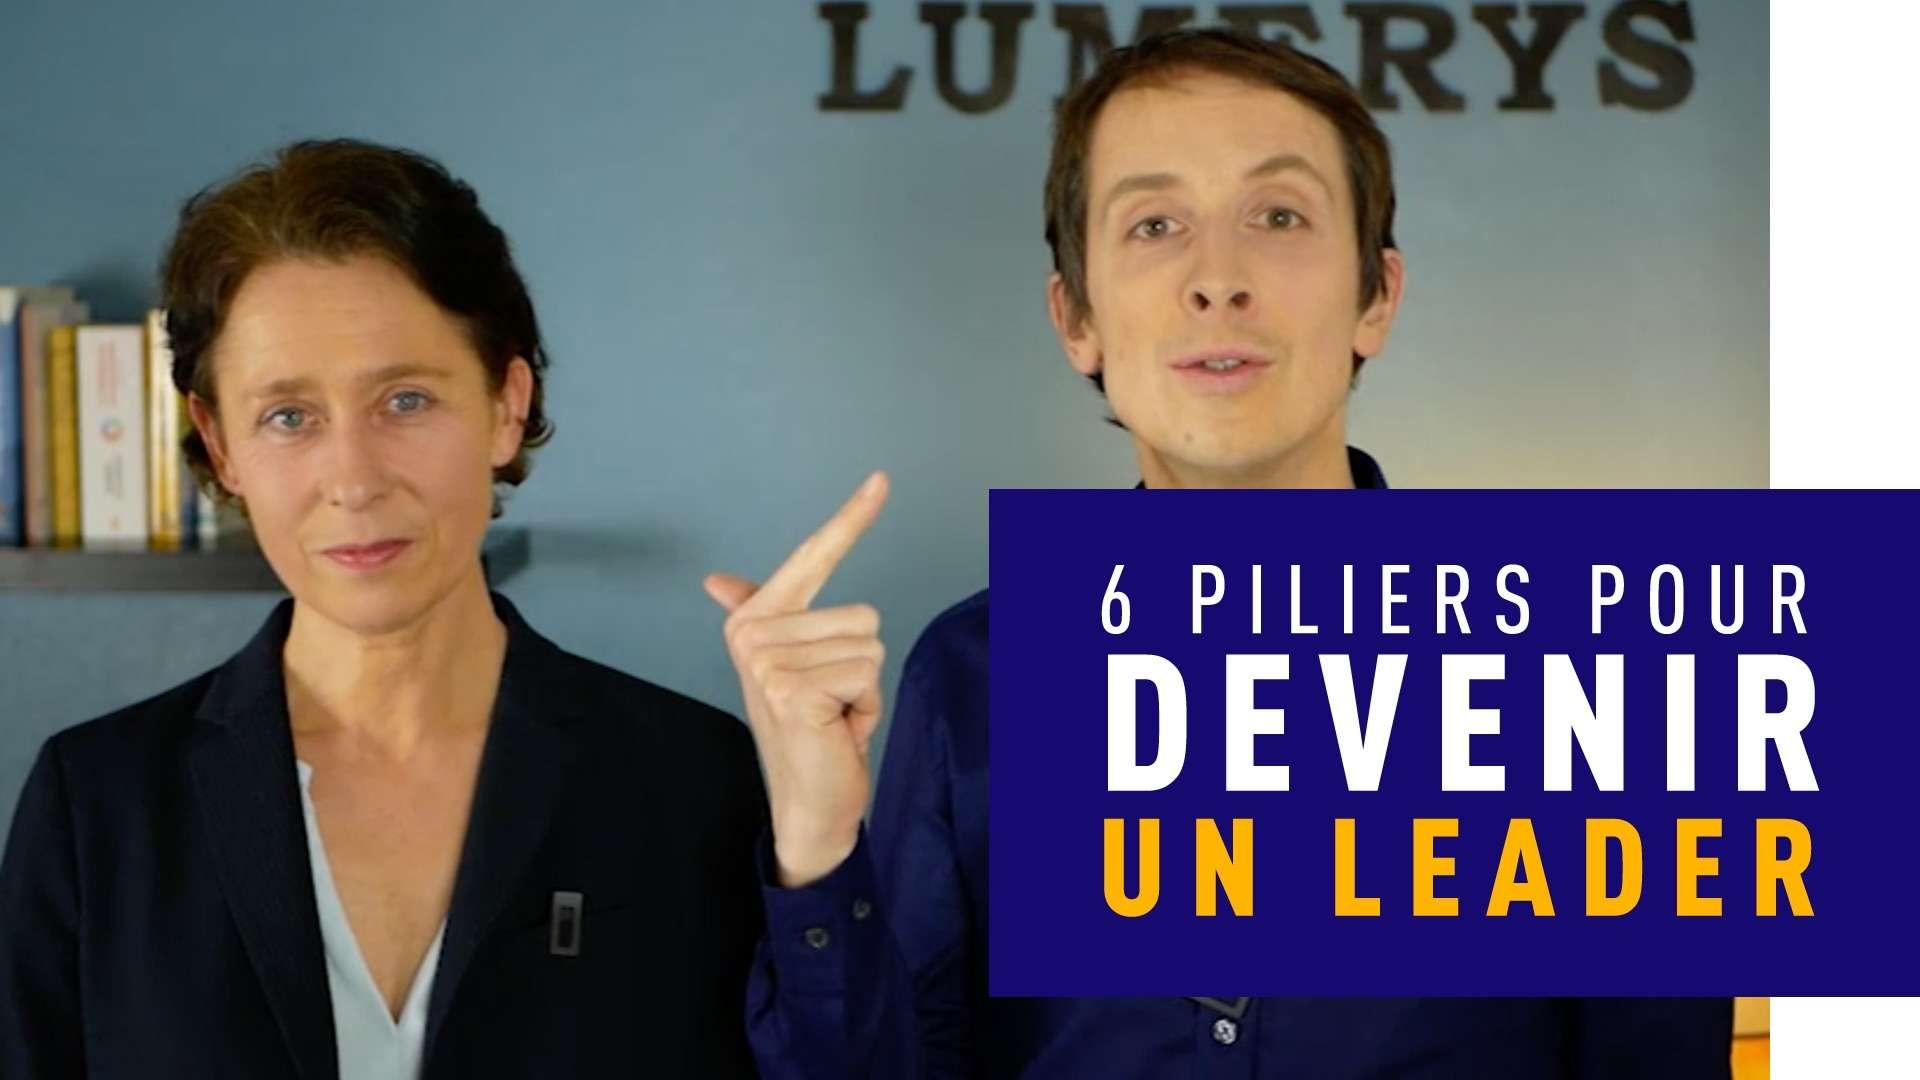 6-piliers-pour-devenir-leader